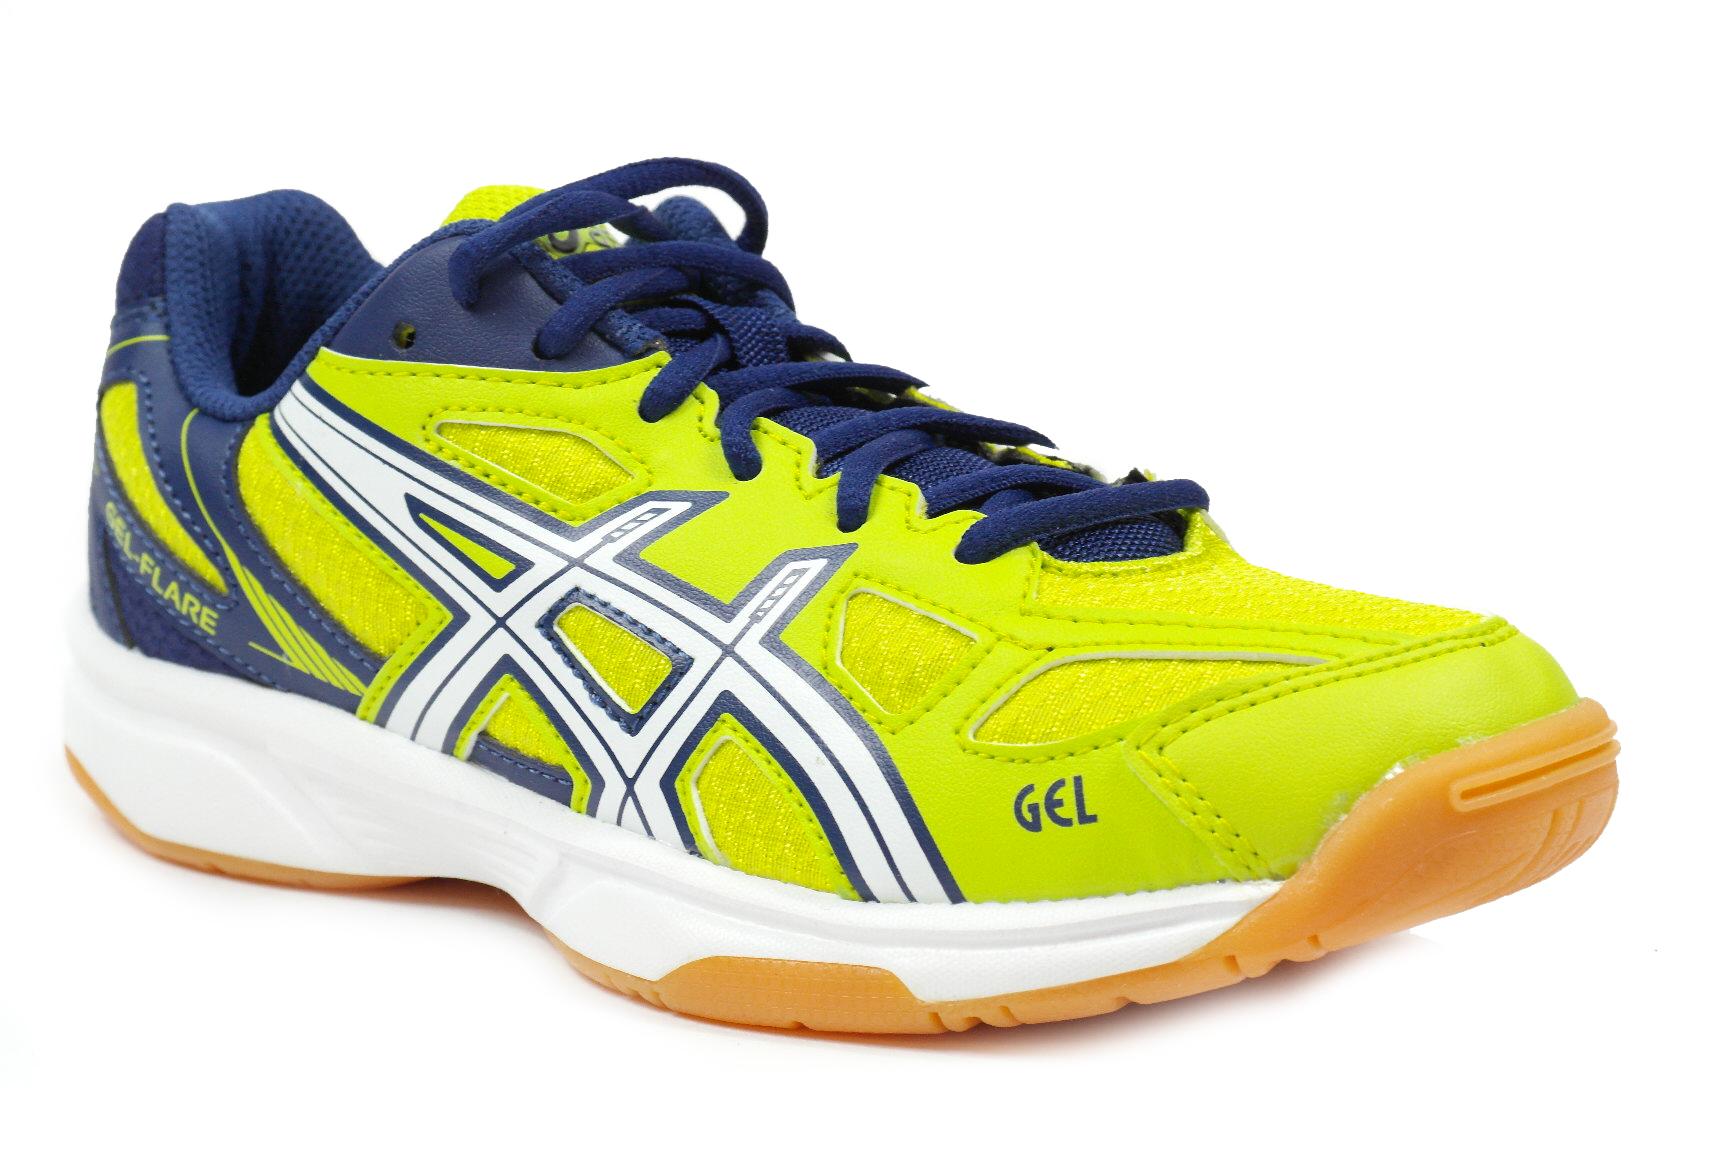 Asics - Fusée Gel 5 Chaussures D'intérieur - Hommes - Chaussures - Blanc - 45 wp5AU